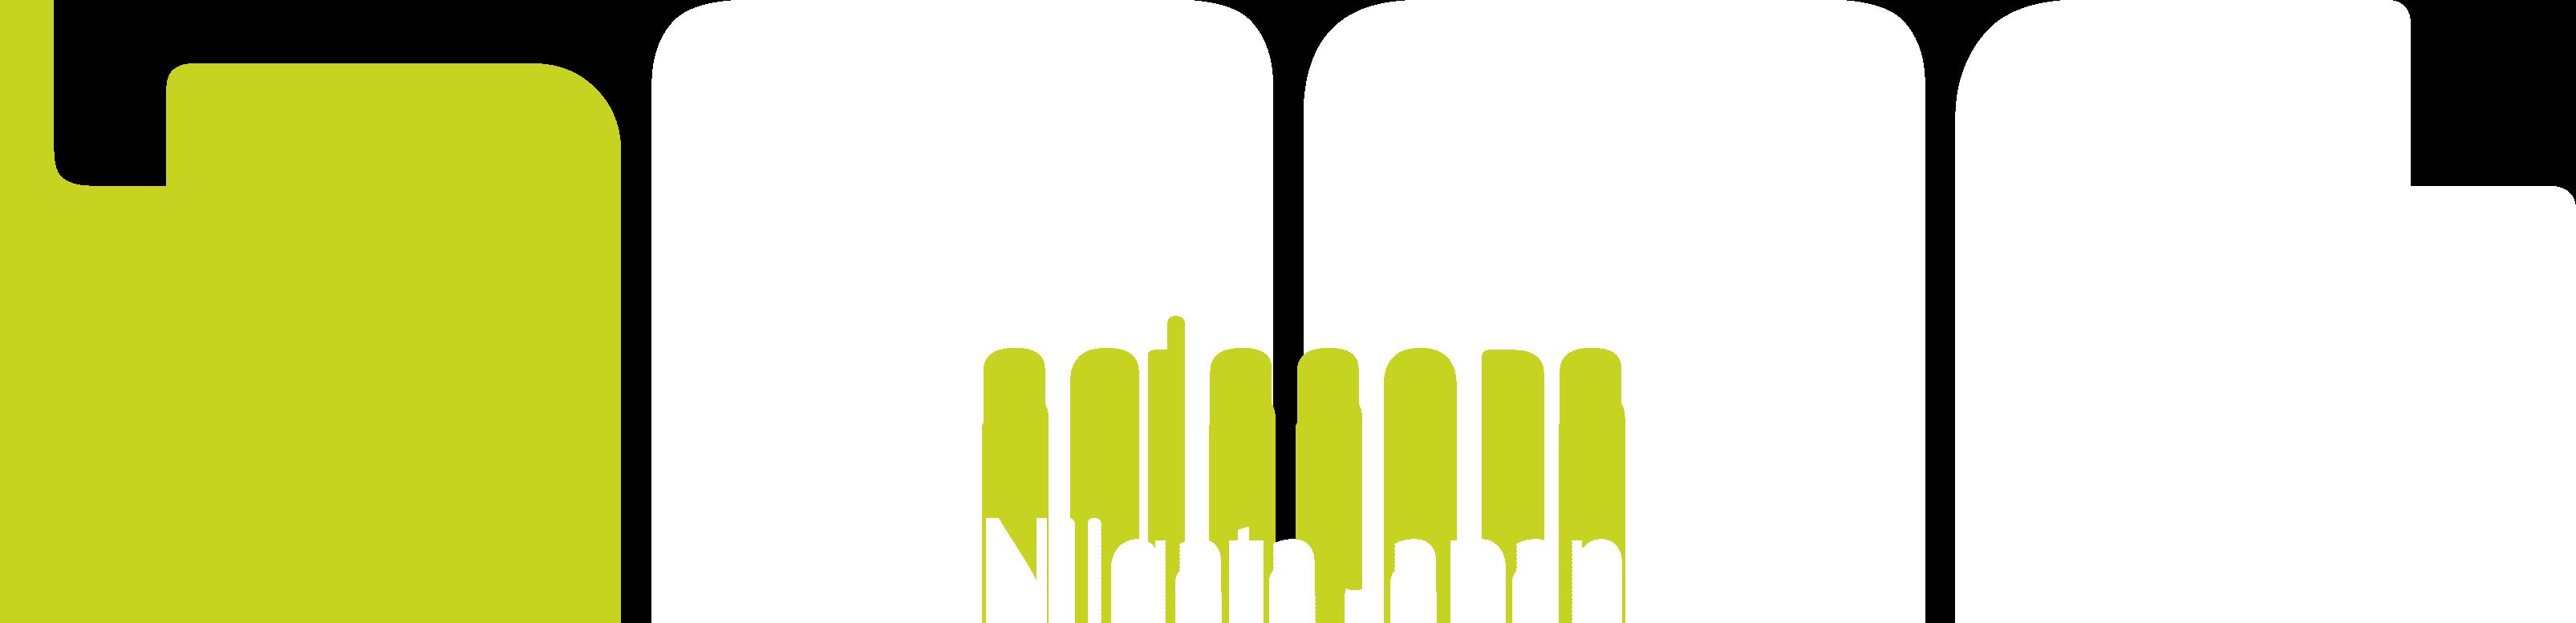 Bmac Scissors